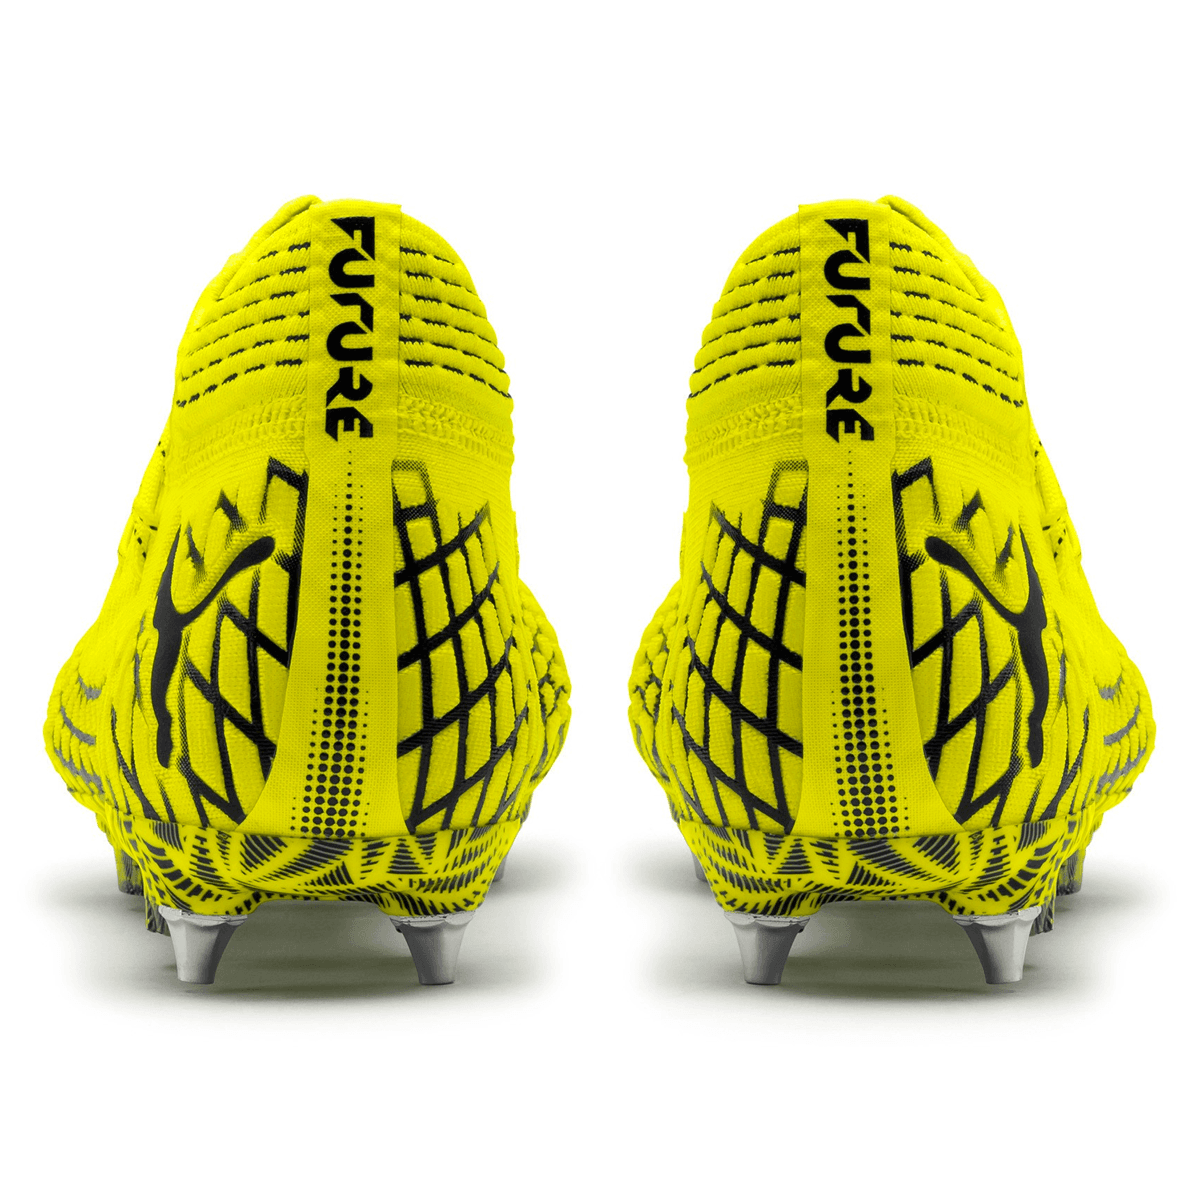 Puma Fußballschuh Future 4.1 Netfit Mx SG gelb fluoschwarz